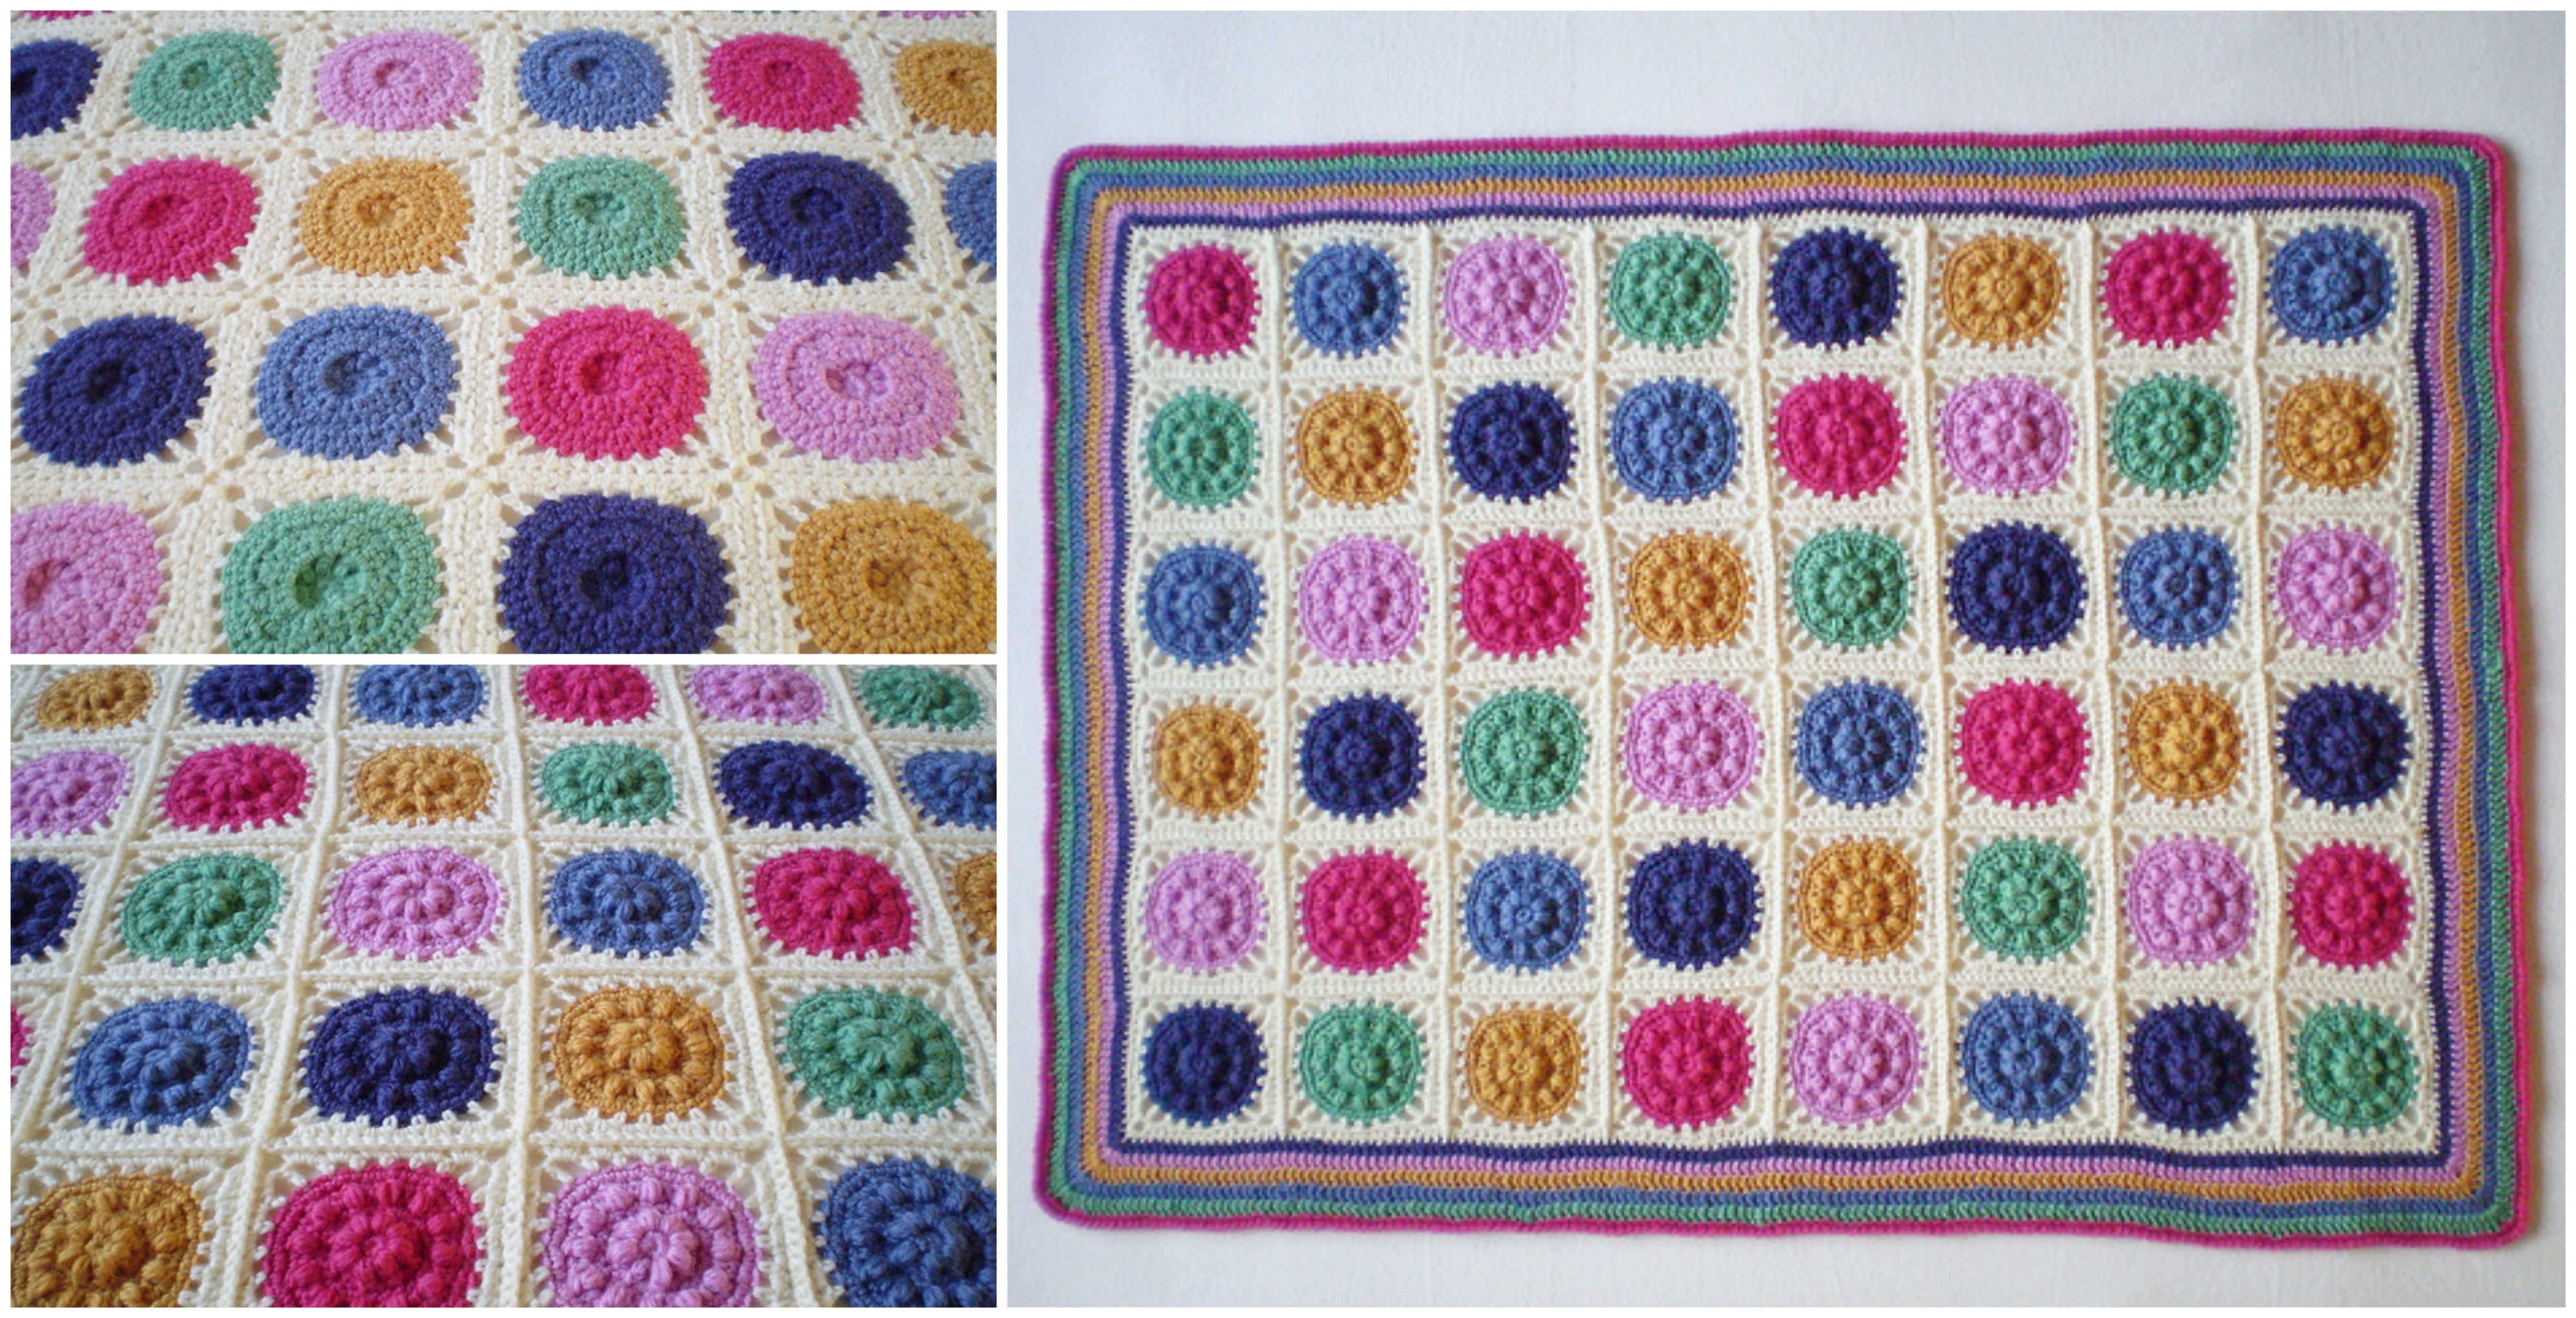 jolly-mould-crochet-blanket